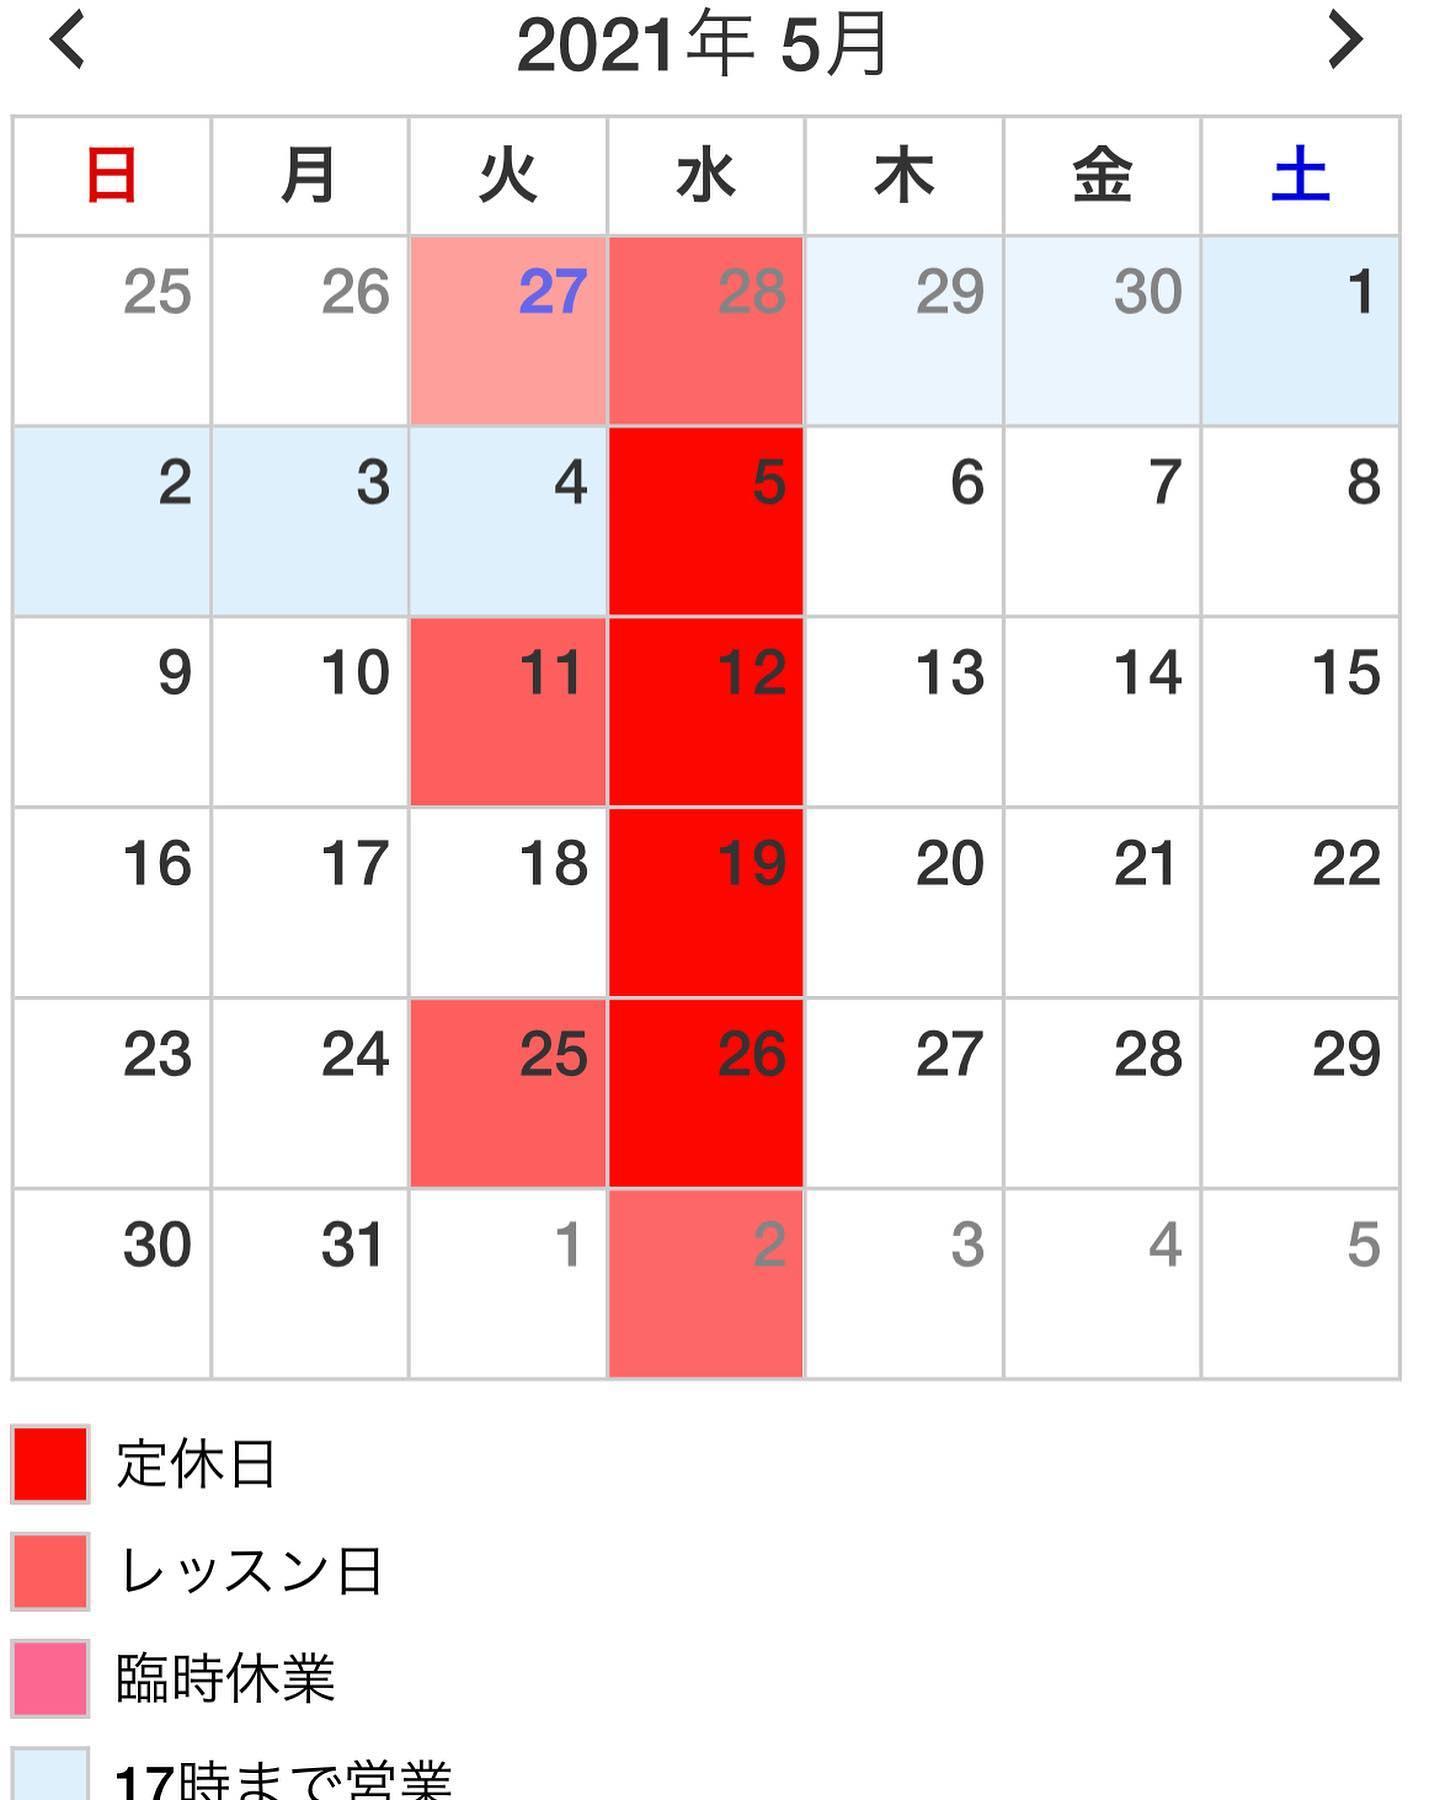 5月のカレンダー🗓ゴールデンウィーク中は最終受付が16時までとなってます♀️外に出かけたくなるお天気紫外線が1年で1番強い季節、髪の毛の紫外線対策アイテムもあります🌞..緊急事態宣言中ですが最善の対策にて皆様のご来店お待ちしてます..〠627-0004京丹後市峰山町荒山1220-1︎0772608704close:Wednesday